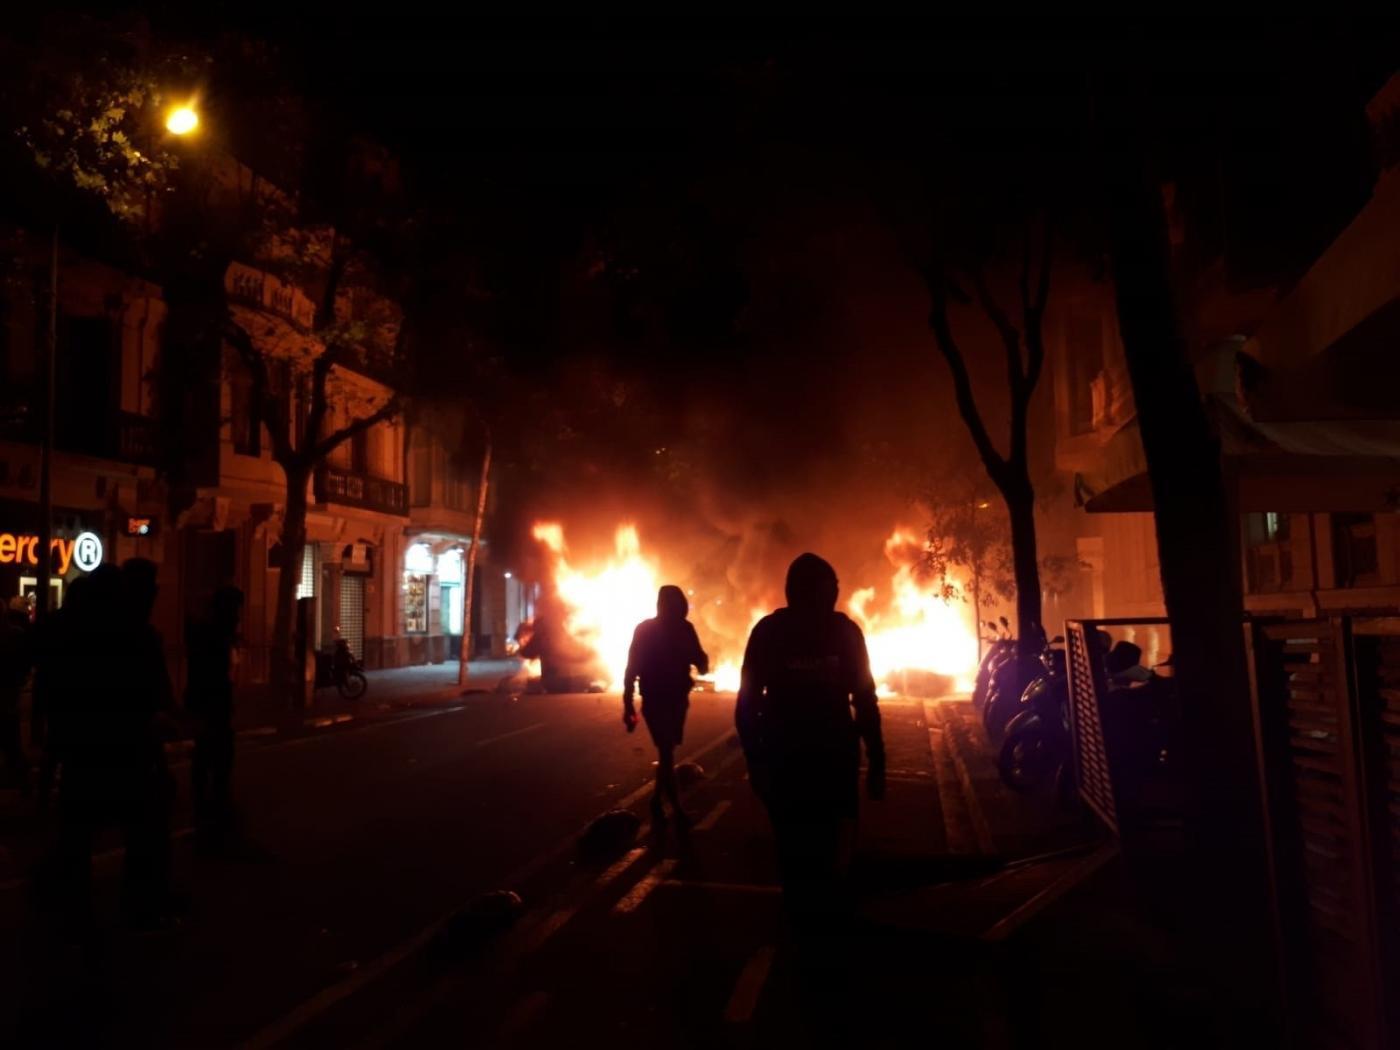 La furia de los precarios, conducida por profesionales de la guerrilla, quema las calles y persigue a la policía